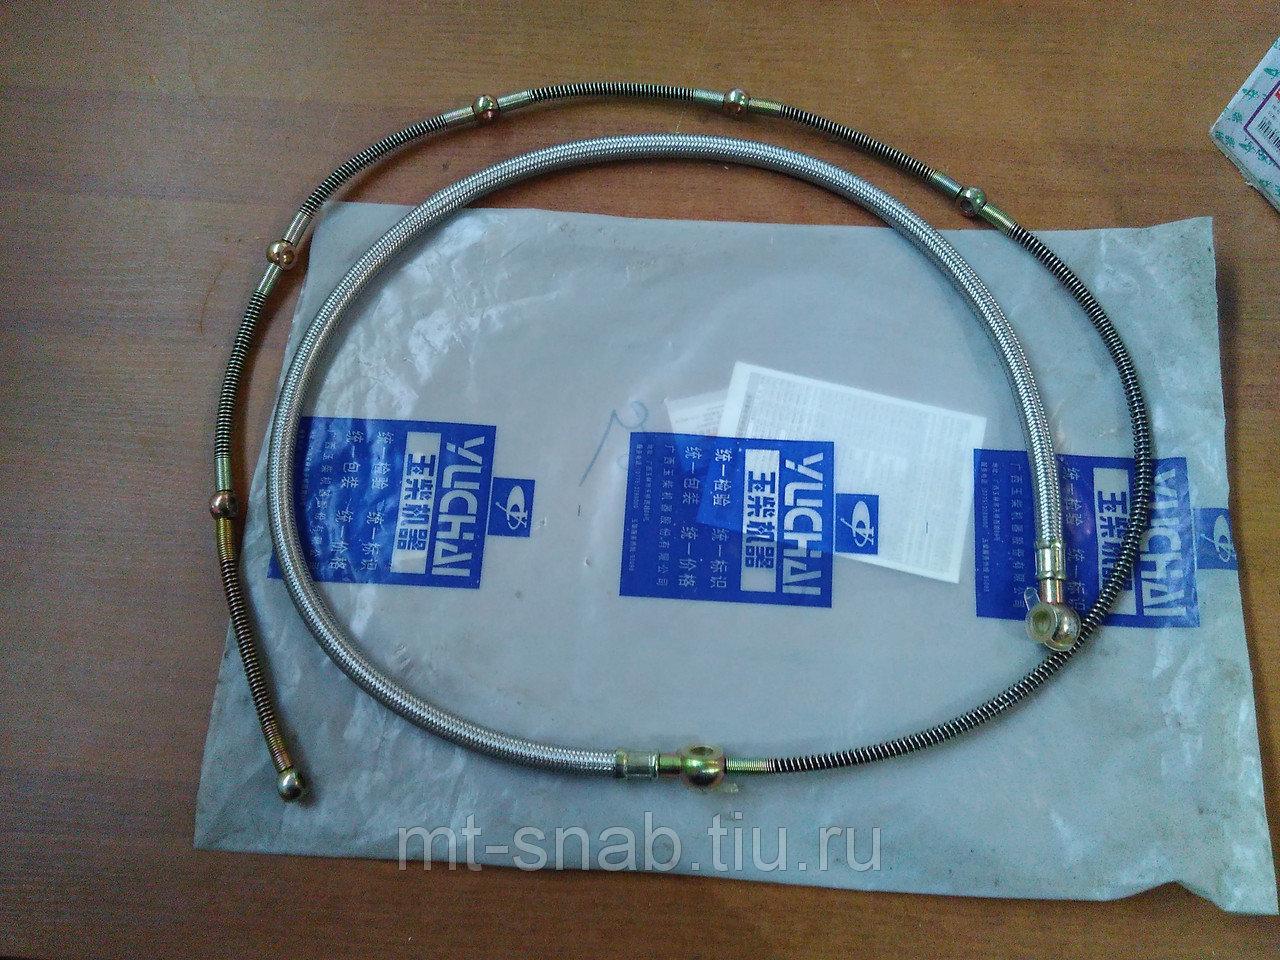 Трубка топливная/обратка форсунок двигателя  4110000561189 B7604-1104040A 8601 Yuchai YC6108